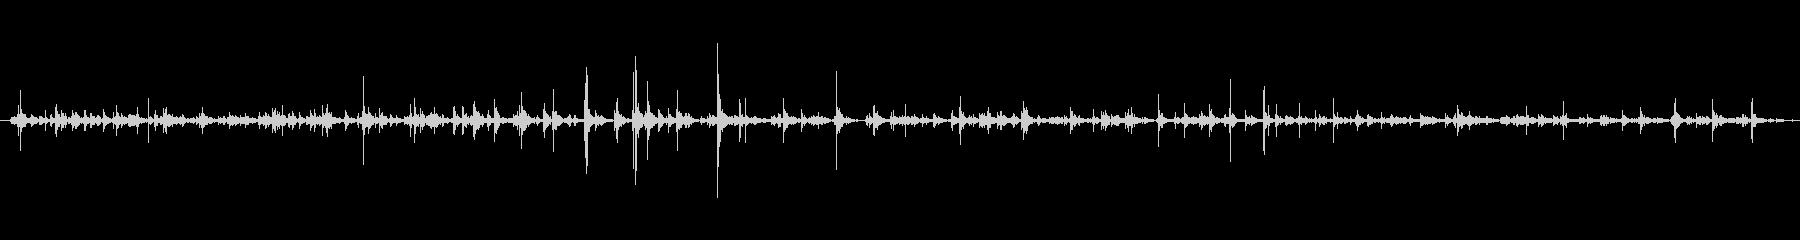 体 群集チェストヒット01の未再生の波形